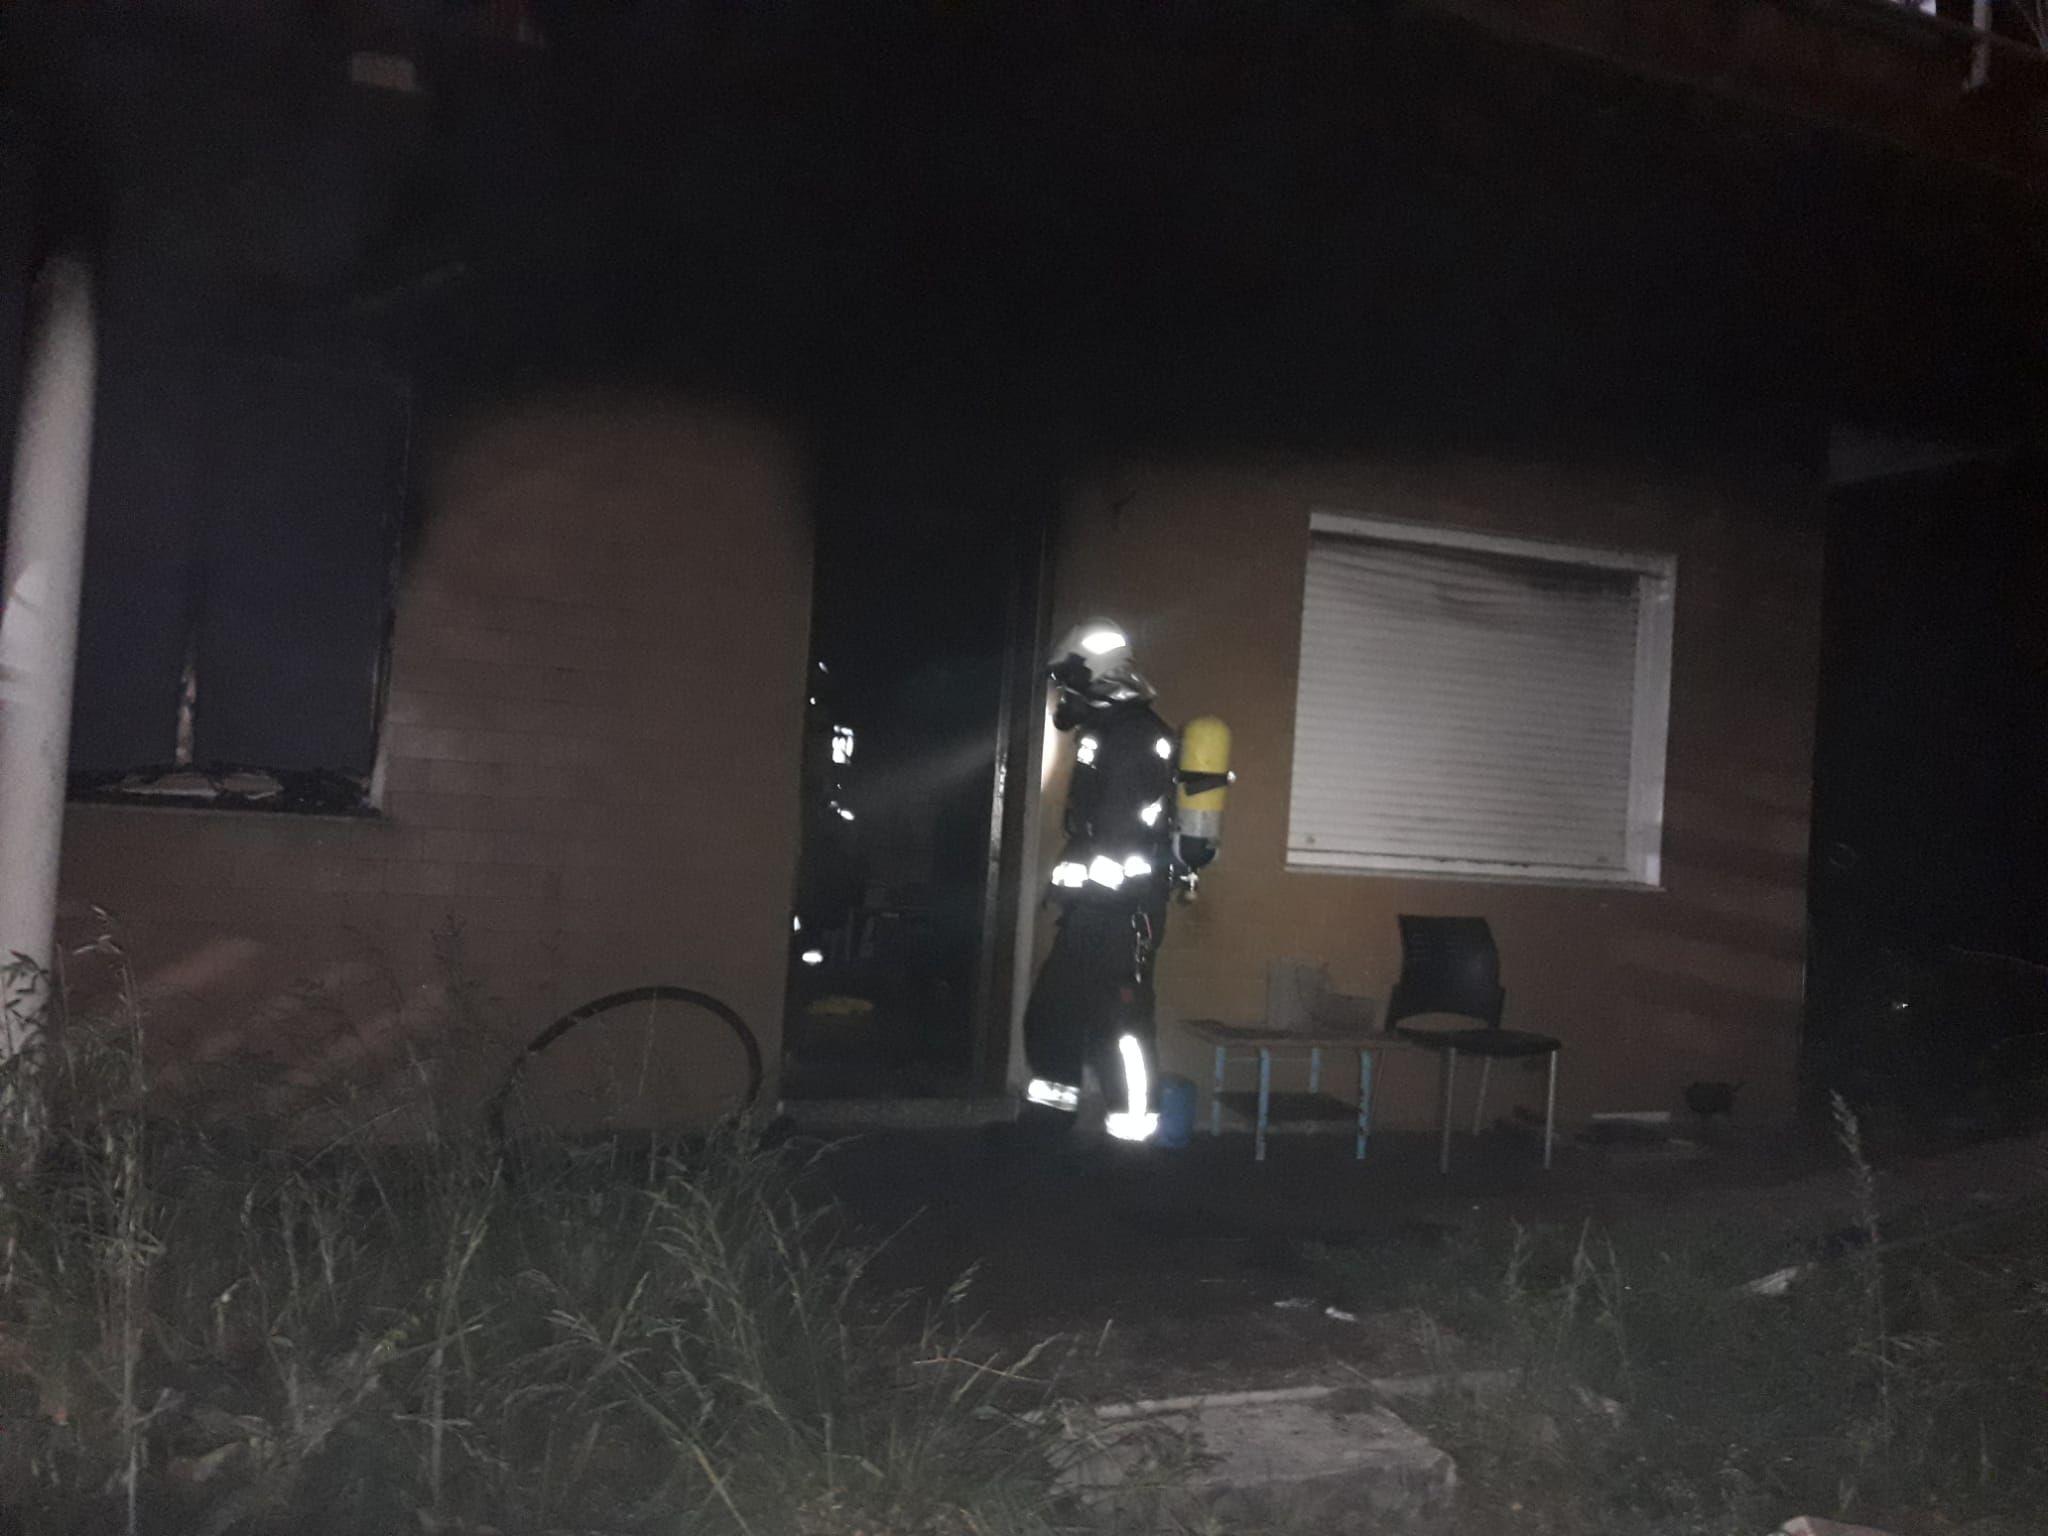 bomberos entrando en la vivienda